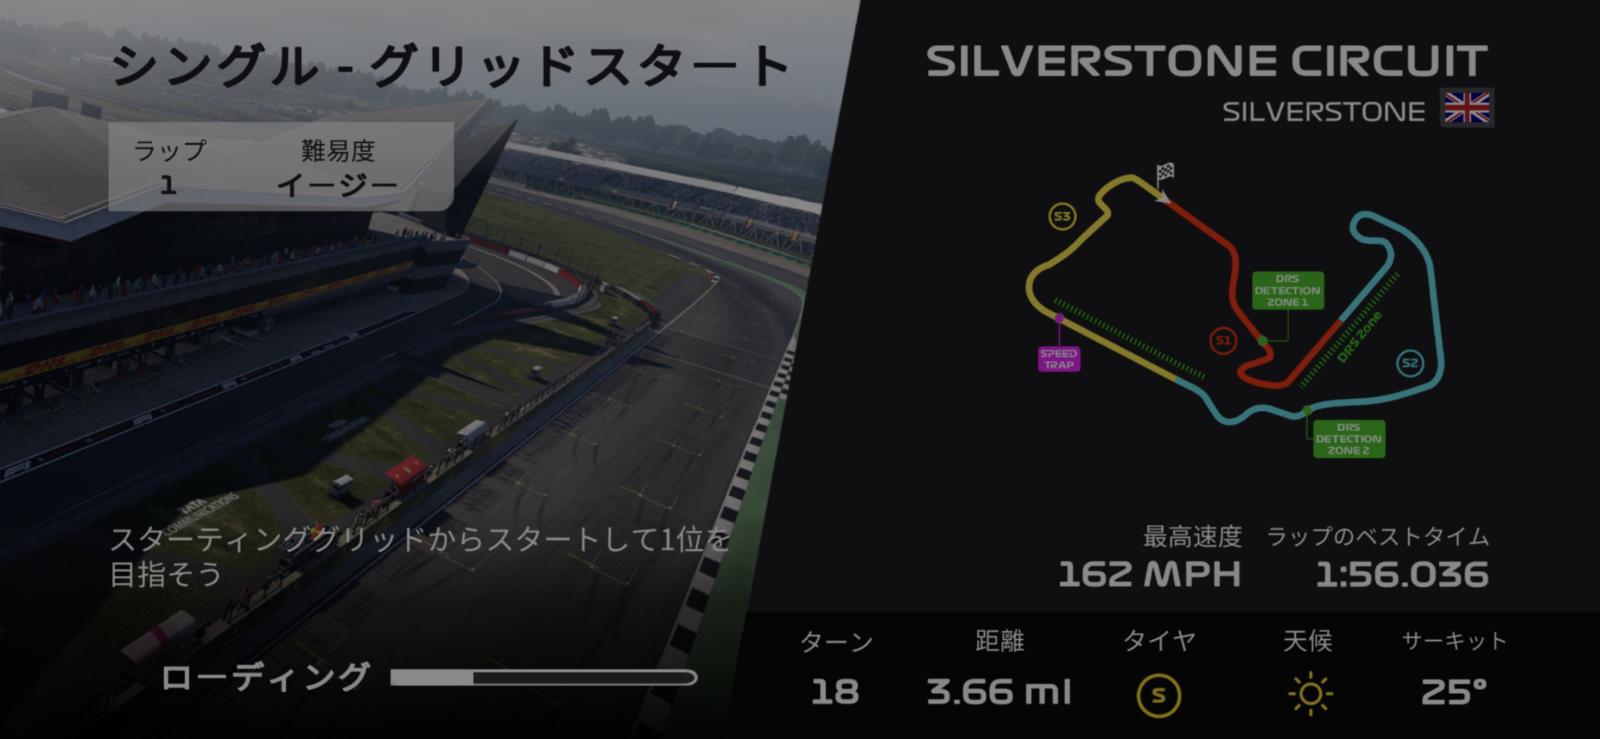 コースを覚えればモータースポーツは100倍おもしろい  TDおすすめアプリシリーズ vol. 3